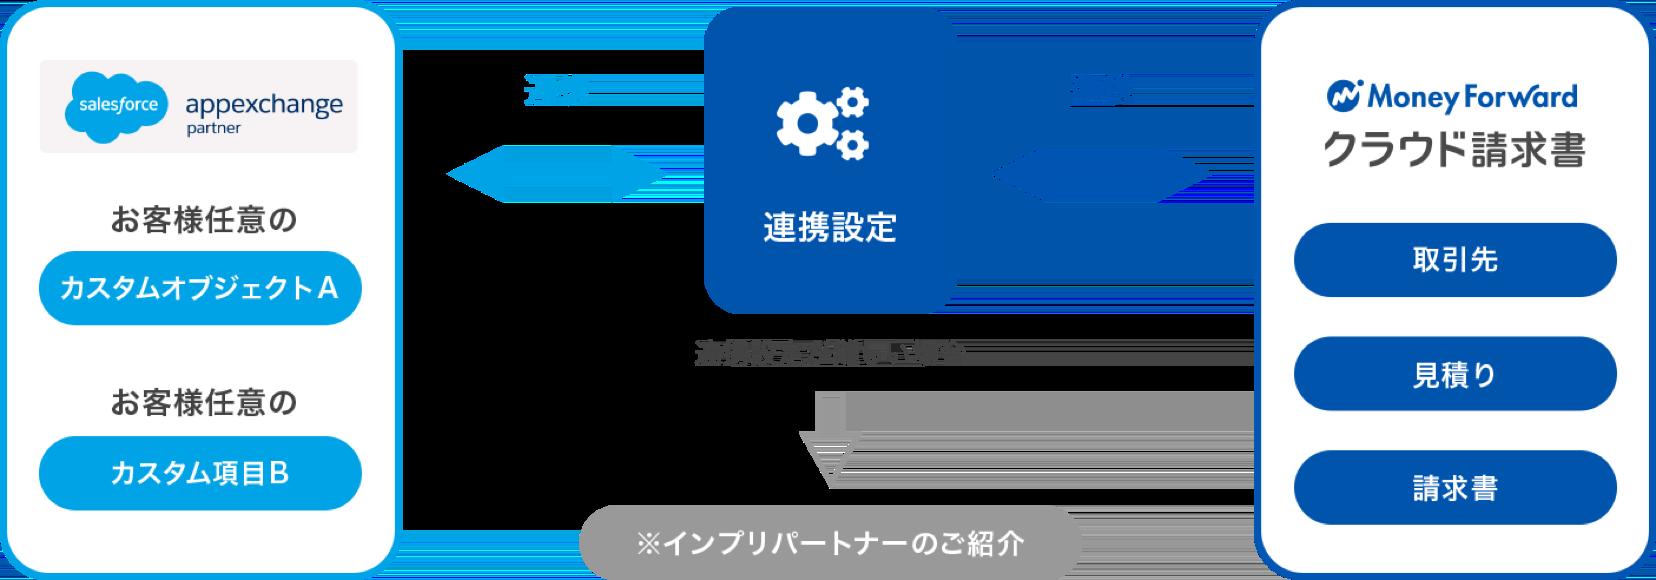 カスタムオブジェクト連携を活用して柔軟な業務プロセス構築を実現